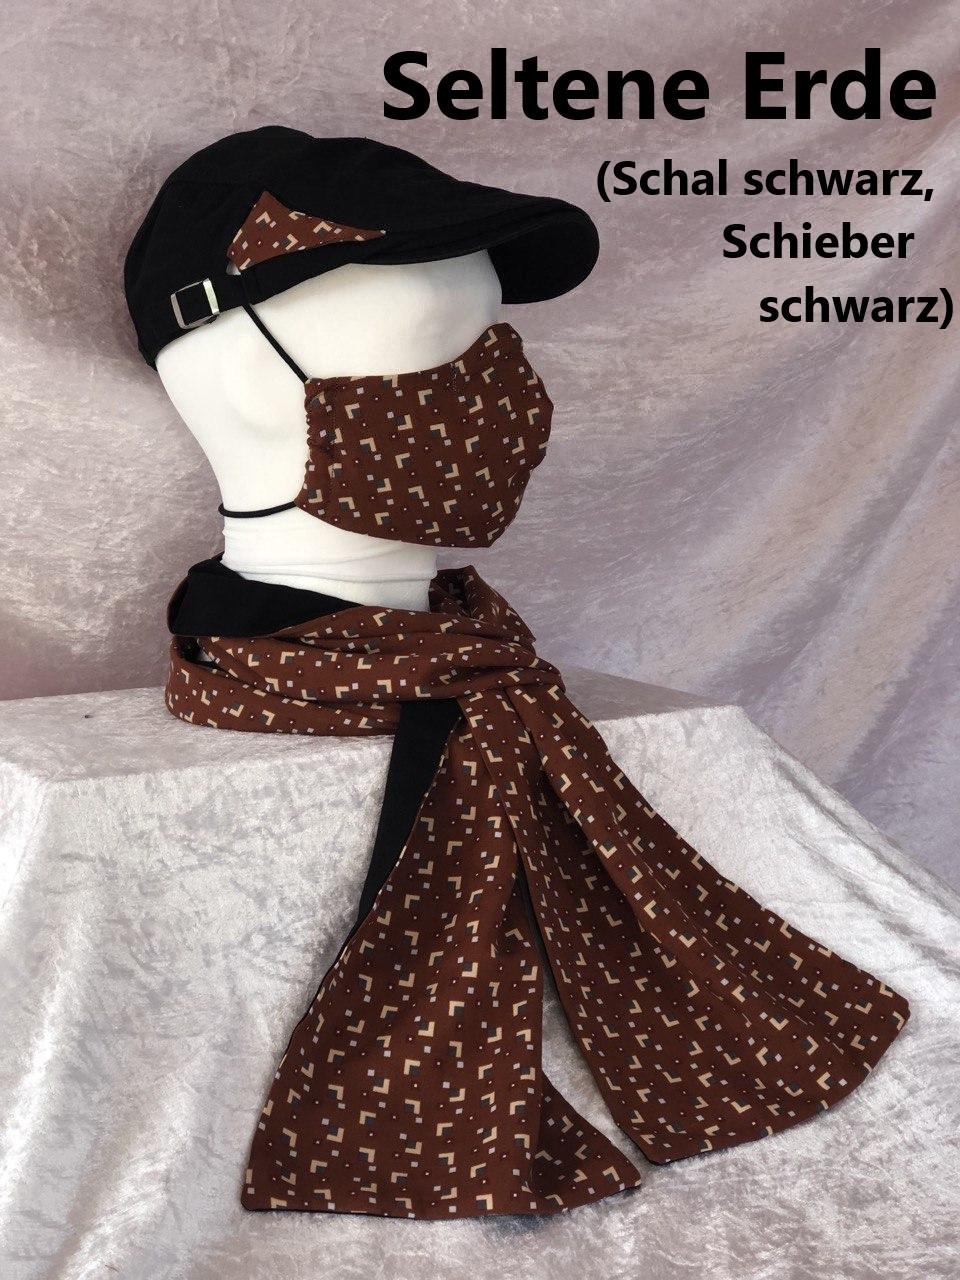 B1 - Maske + Schal + Schieber schwarz